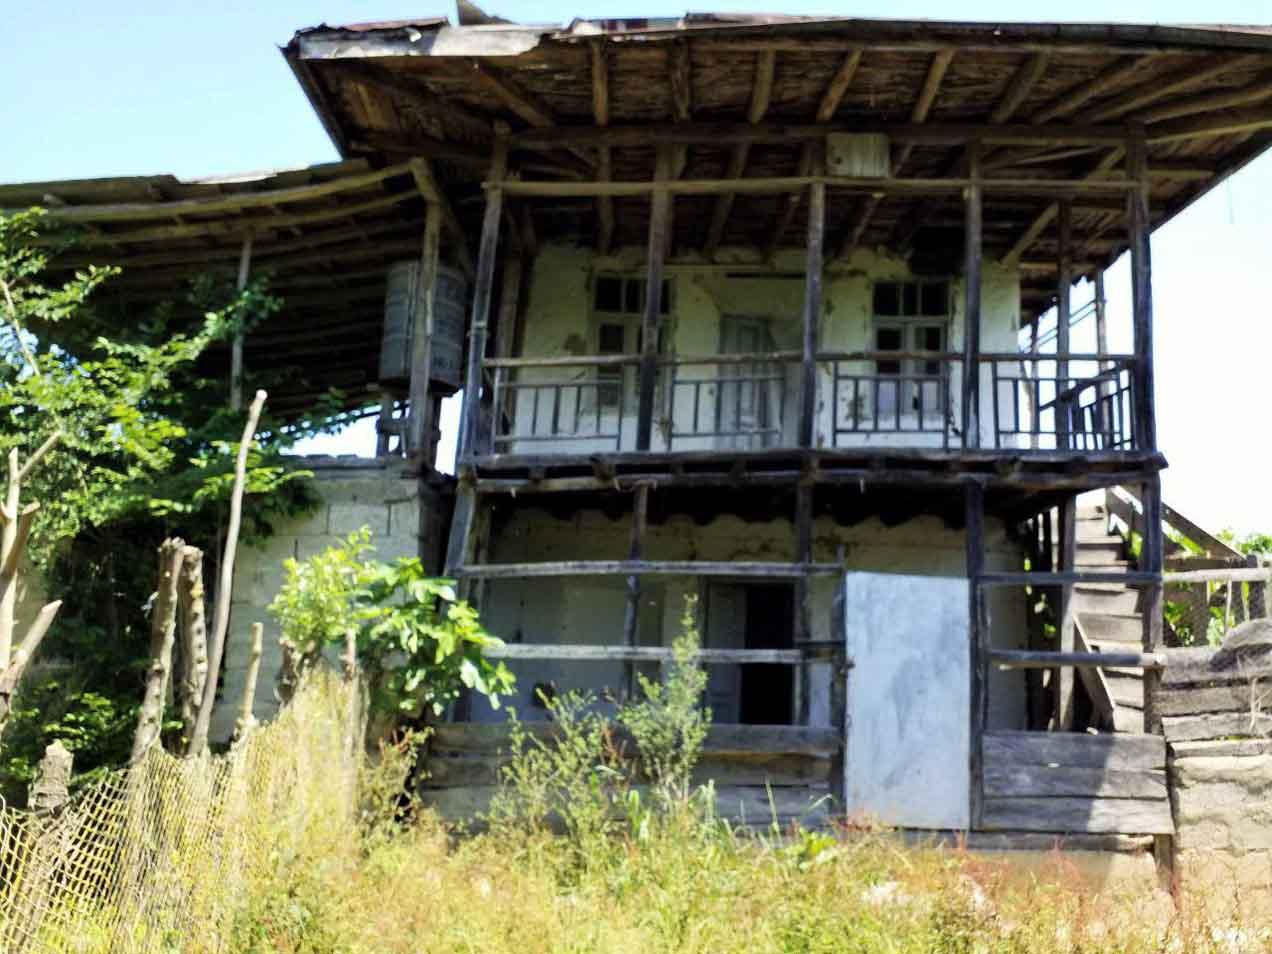 فروش خانه سنتی 600 متر محوطه املش